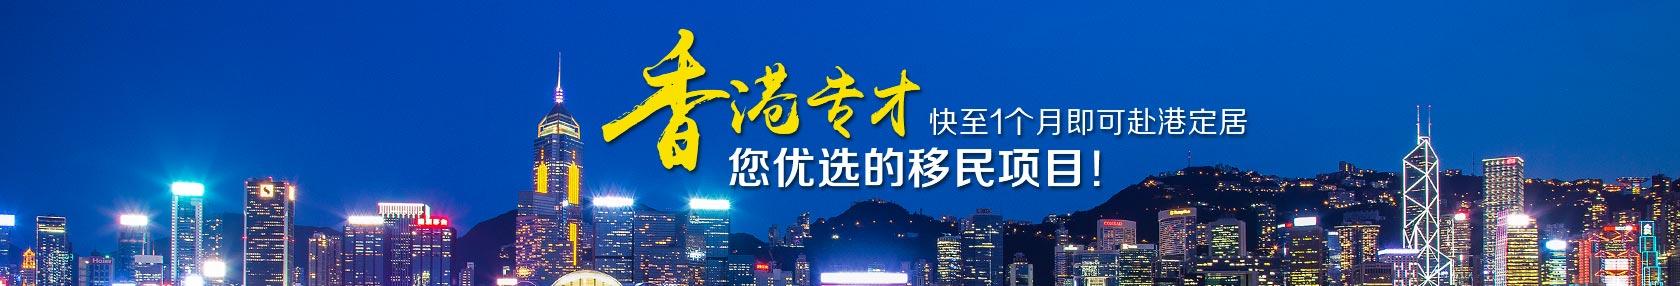 环球移民优选香港专计划才项目,快至1个月即可赴香港工作定居